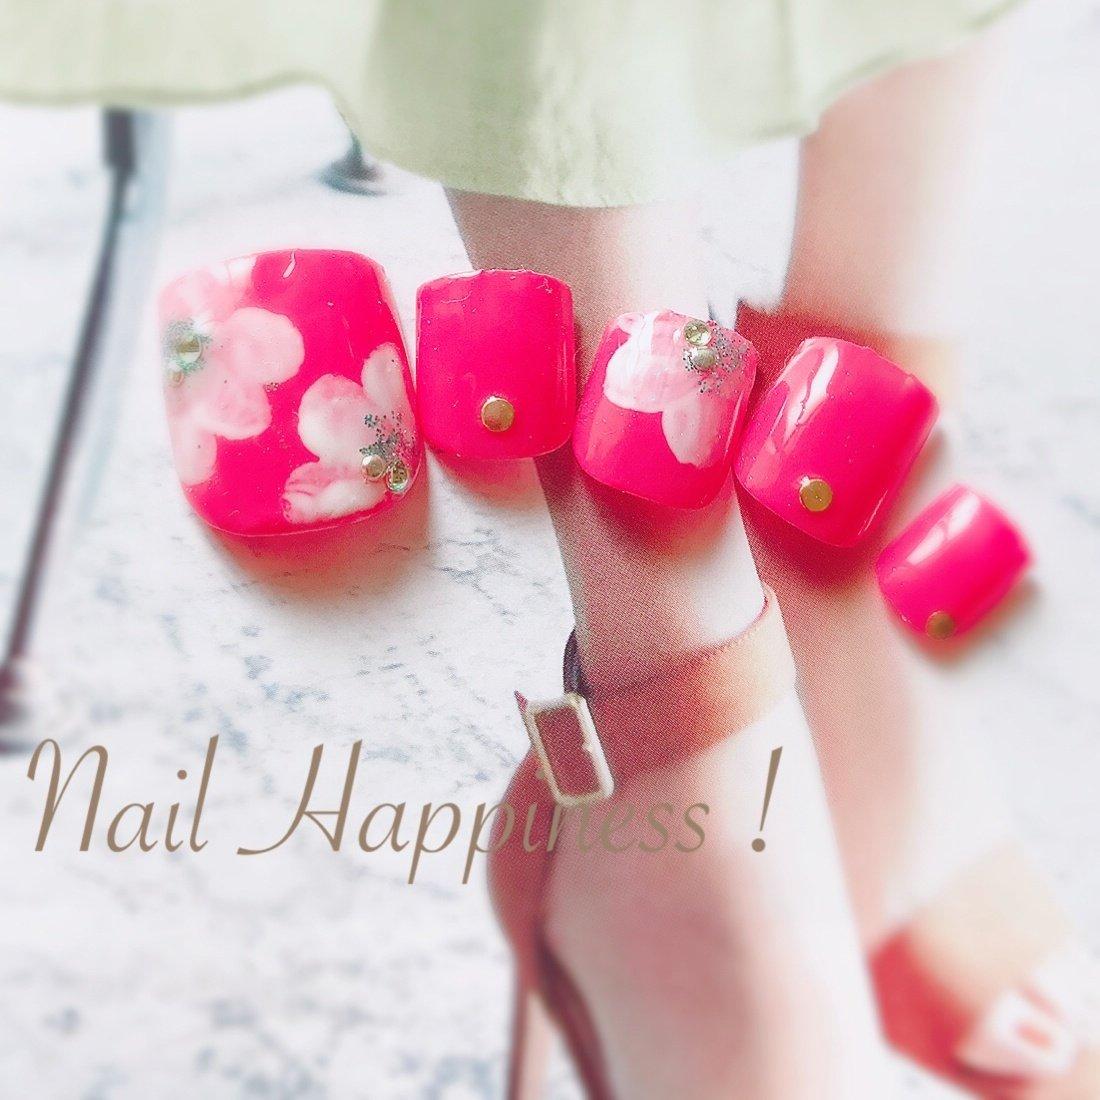 #お花フット #大人可愛いフットネイル #春フットネイル #磯子区ネイルサロン #春 #夏 #オールシーズン #海 #フット #フラワー #ピンク #レッド #ジェル #お客様 #Nail Happiness!(ネイルハピネス)*ささきまき #ネイルブック